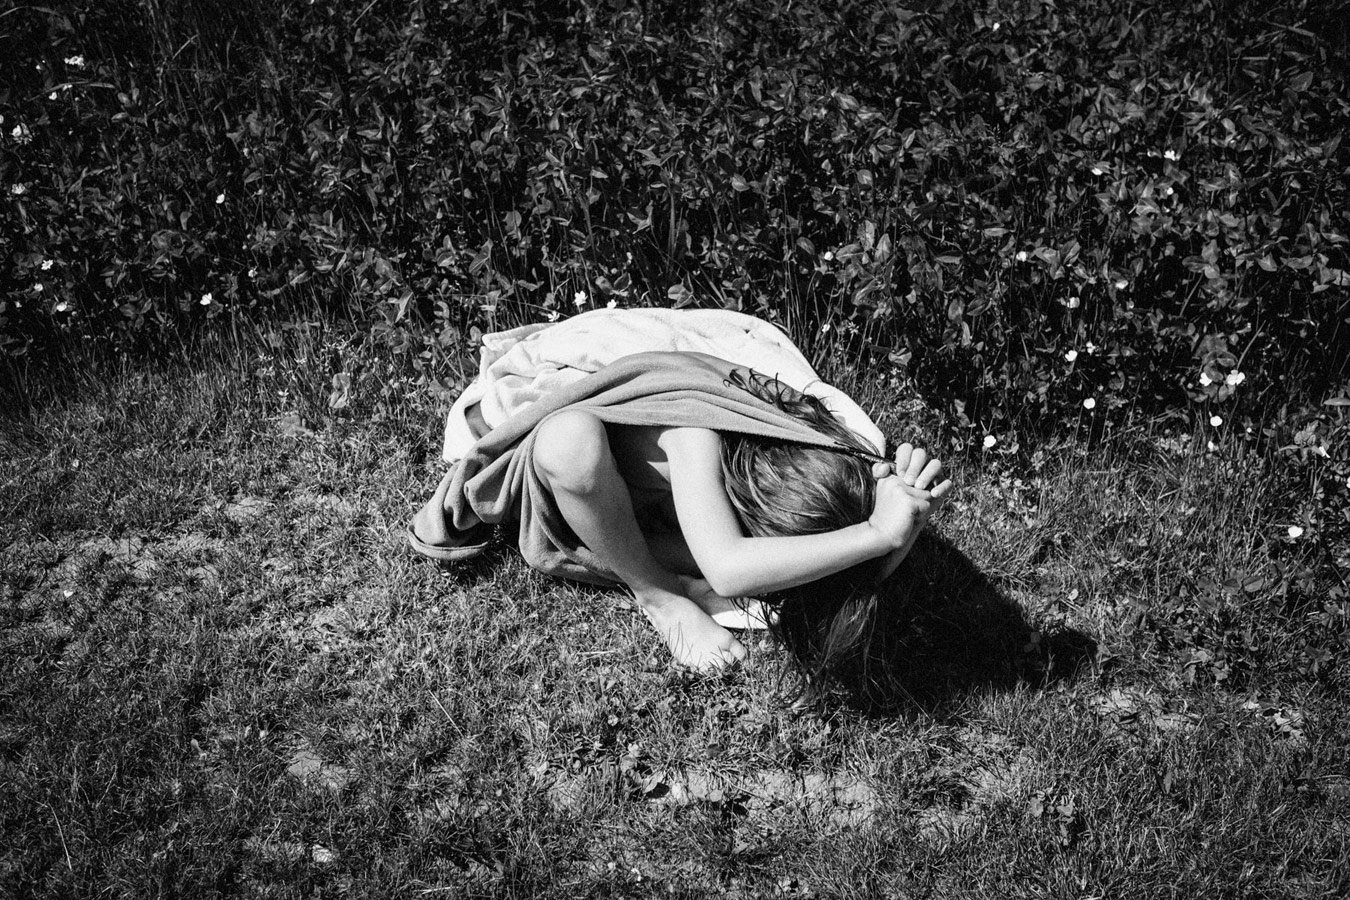 Происходящее, © Рахель Крабичлер / Rahel Krabichler, Швейцария, Финалист конкурса, Фотоконкурс «Портрет» — LensCulture Portrait Awards